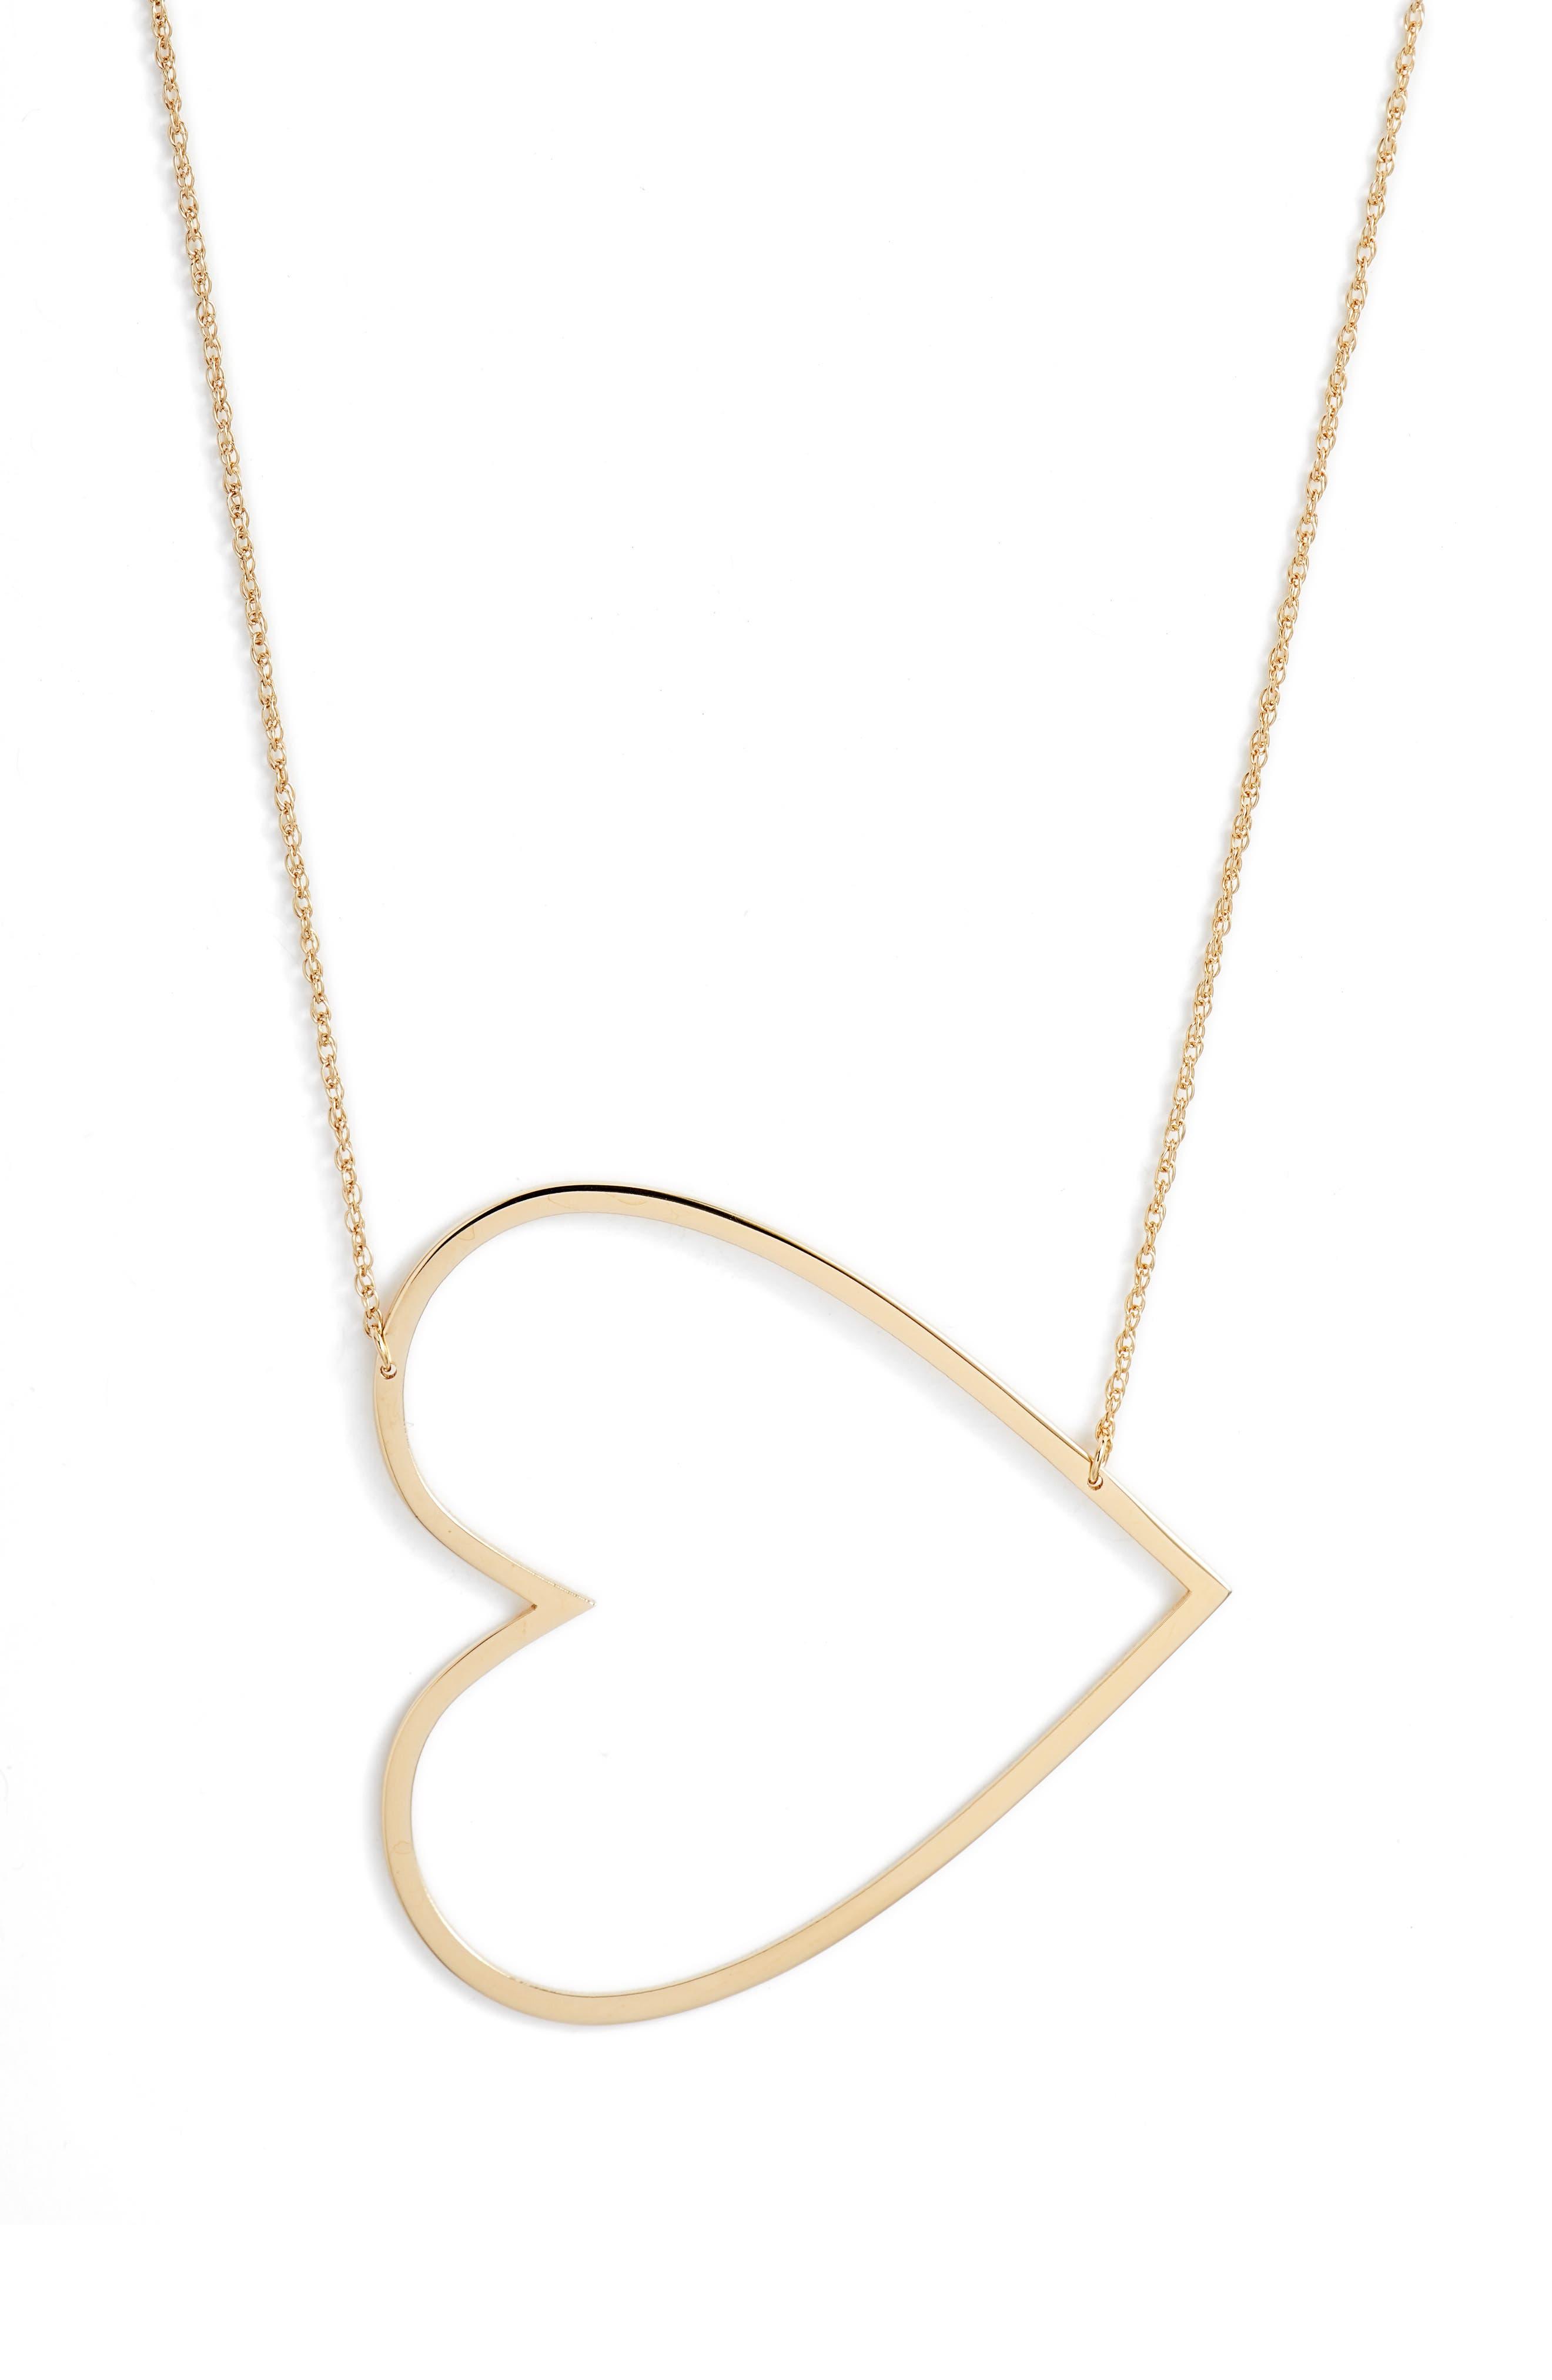 Marissa Heart Pendant Necklace,                             Main thumbnail 1, color,                             YELLOW VERMEIL